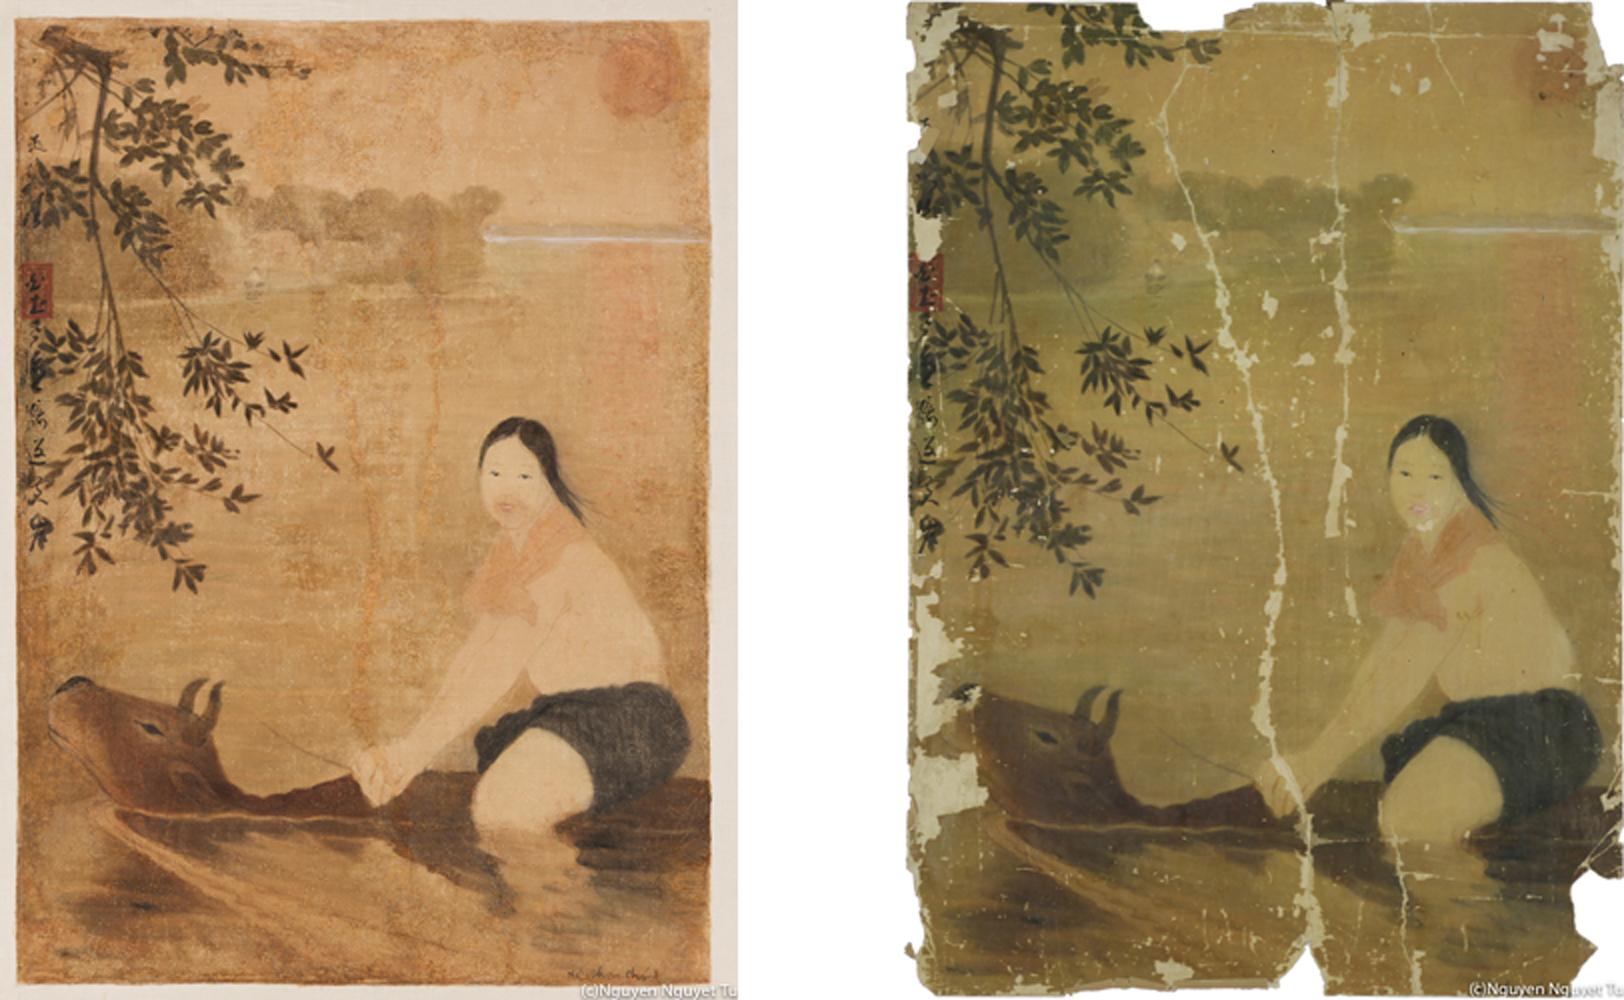 グエン・ファン・チャン《牛に乗って川を渡る女》(1967年、三谷産業株式会社蔵)